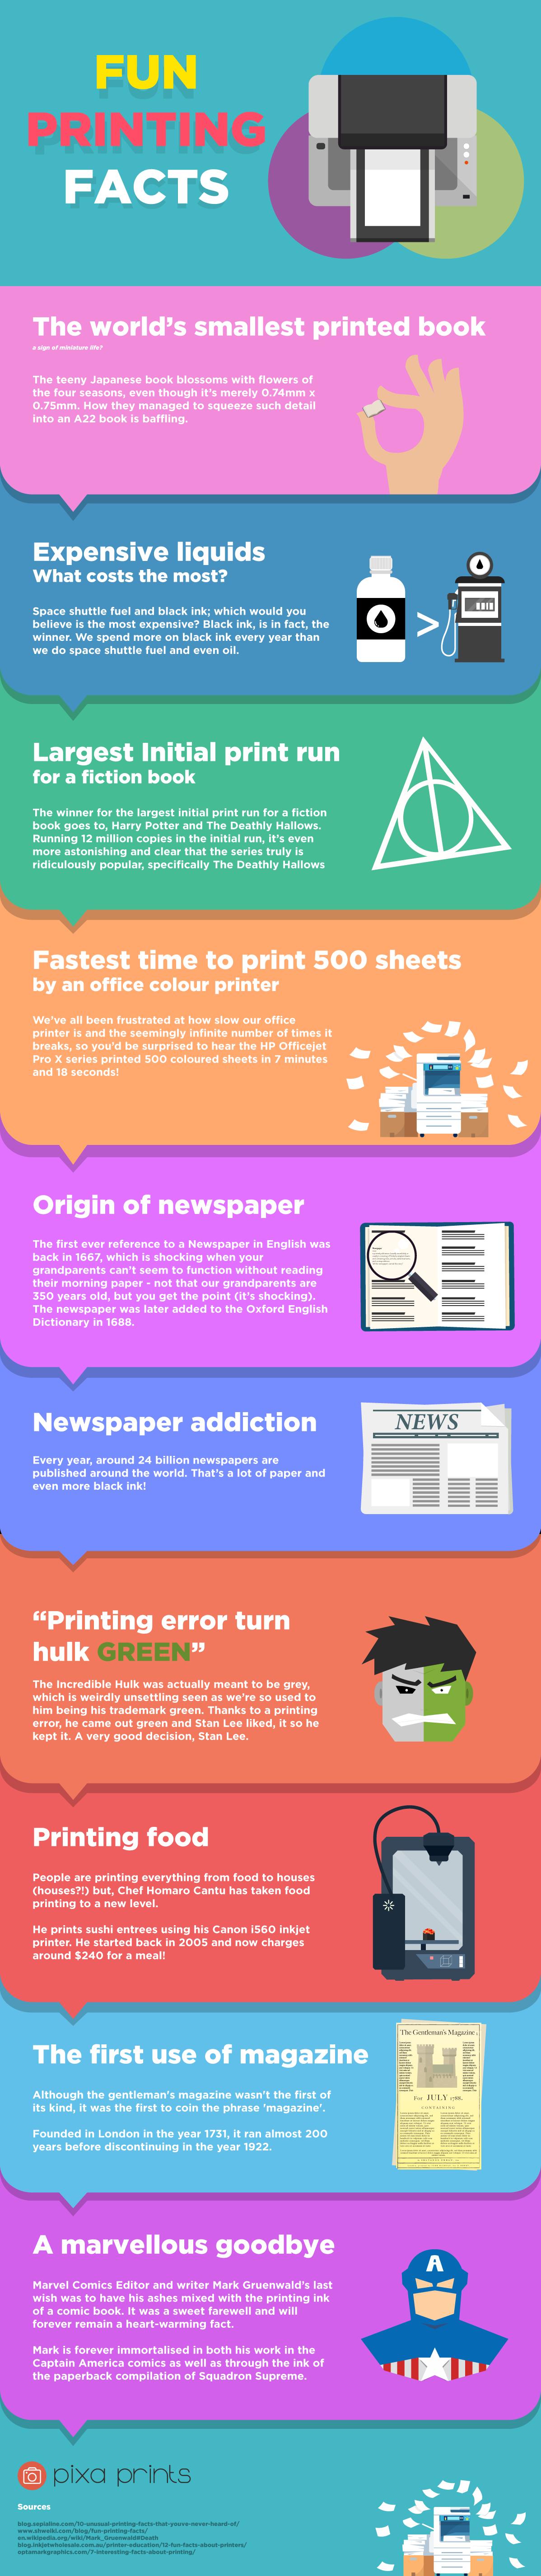 Printing fun facts